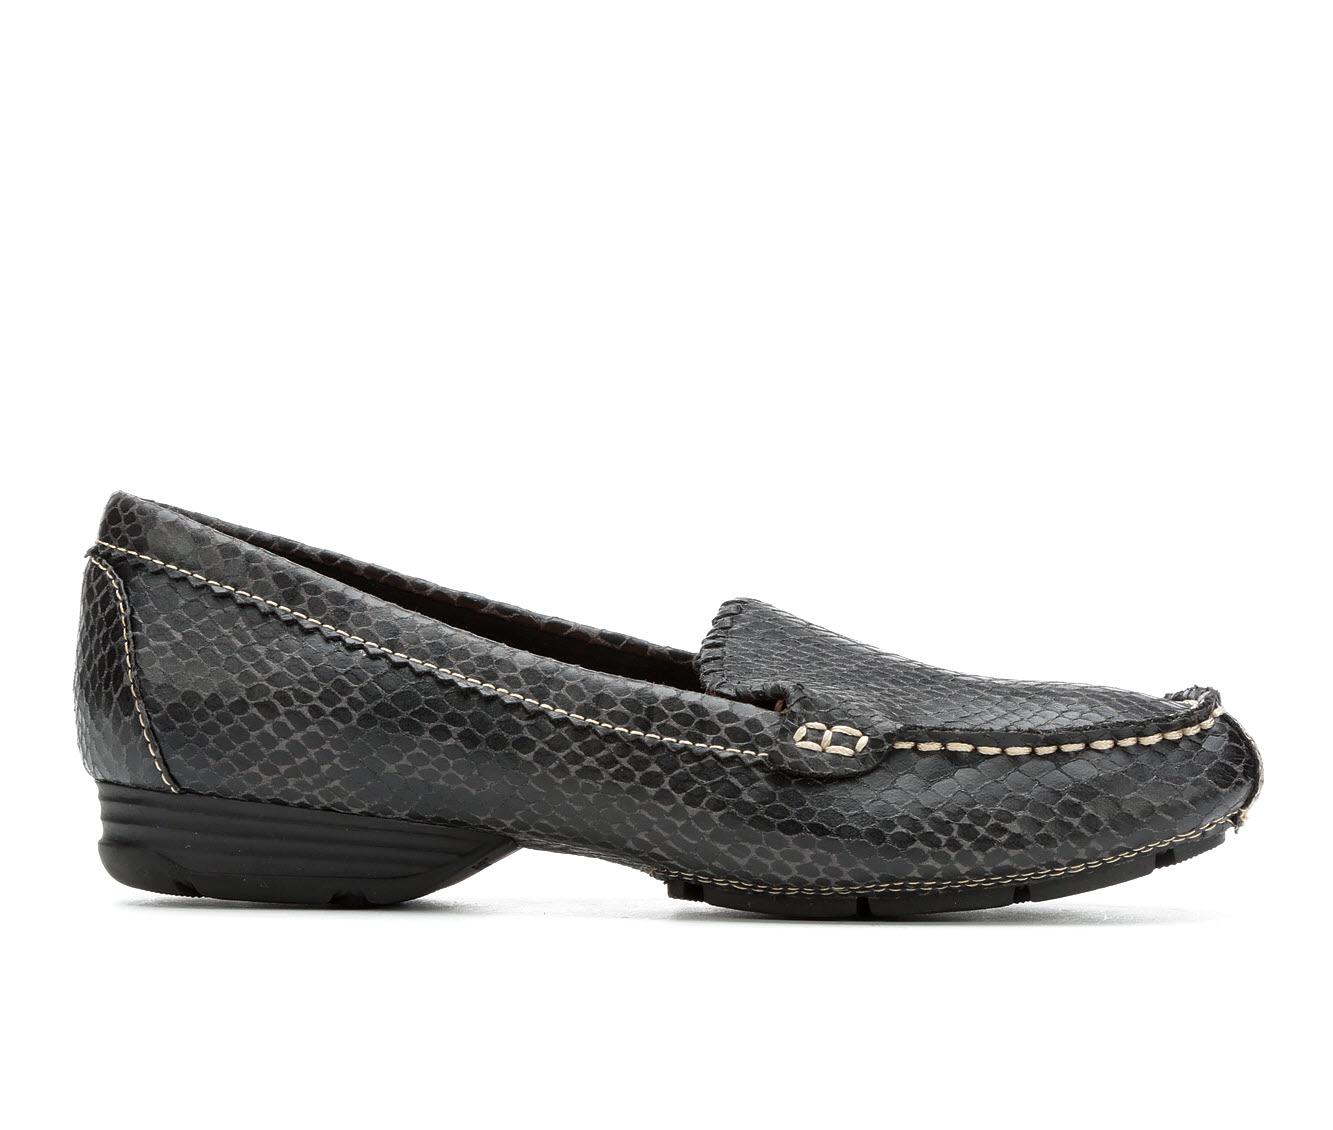 Baretraps Ownah Women's Shoe (Black Faux Leather)